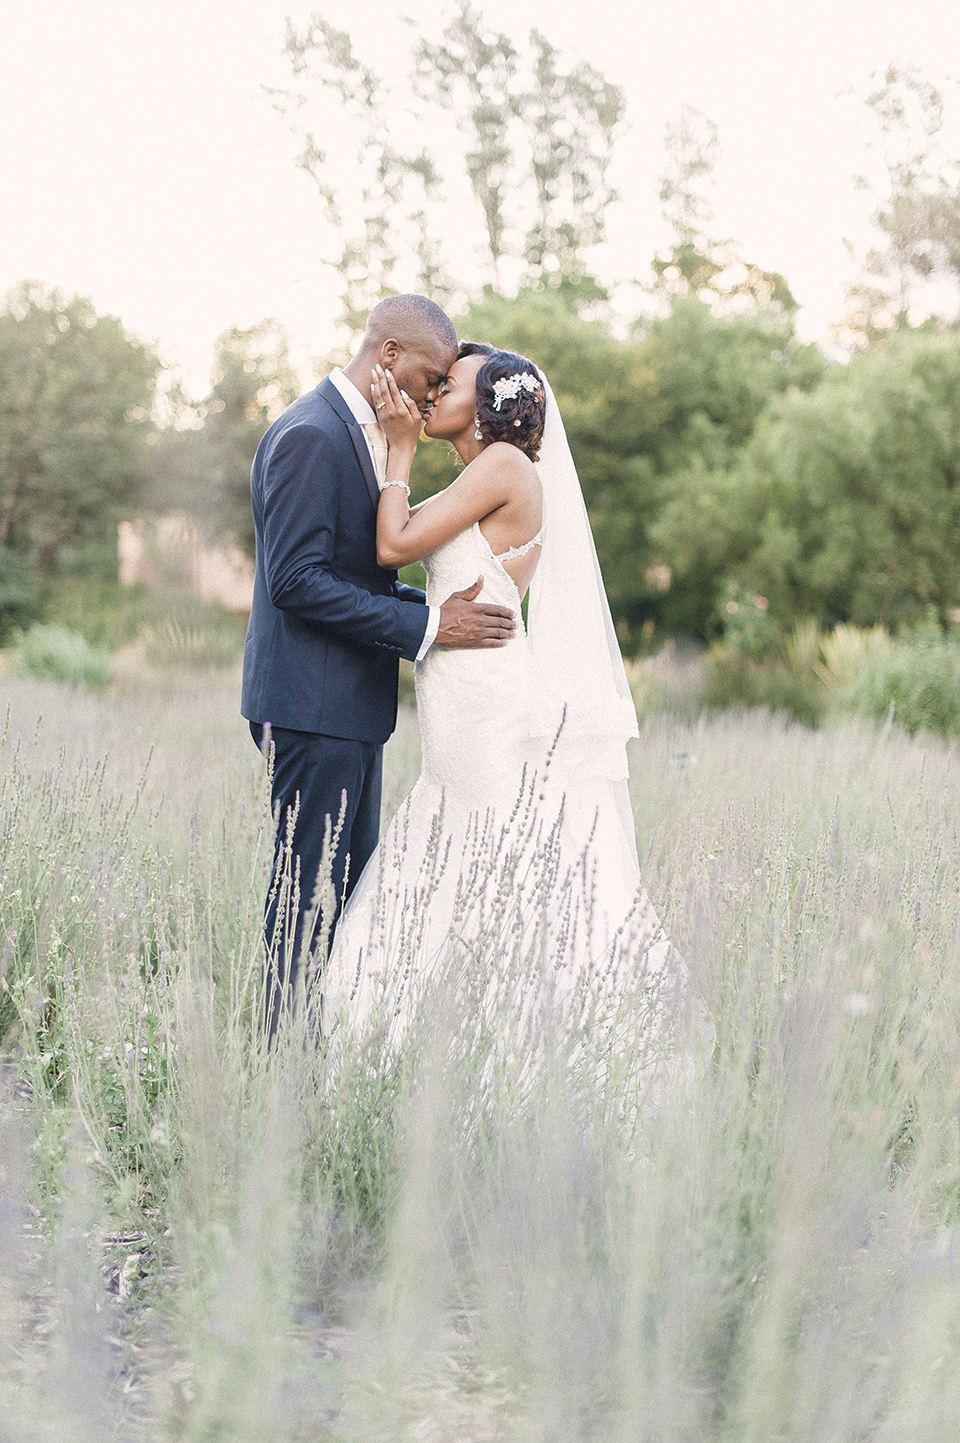 RyanParker_WeddingPhotographer_FineArt_CapeTown_Johannesburg_Hermanus_Avianto_T&L_DSC_9224.jpg